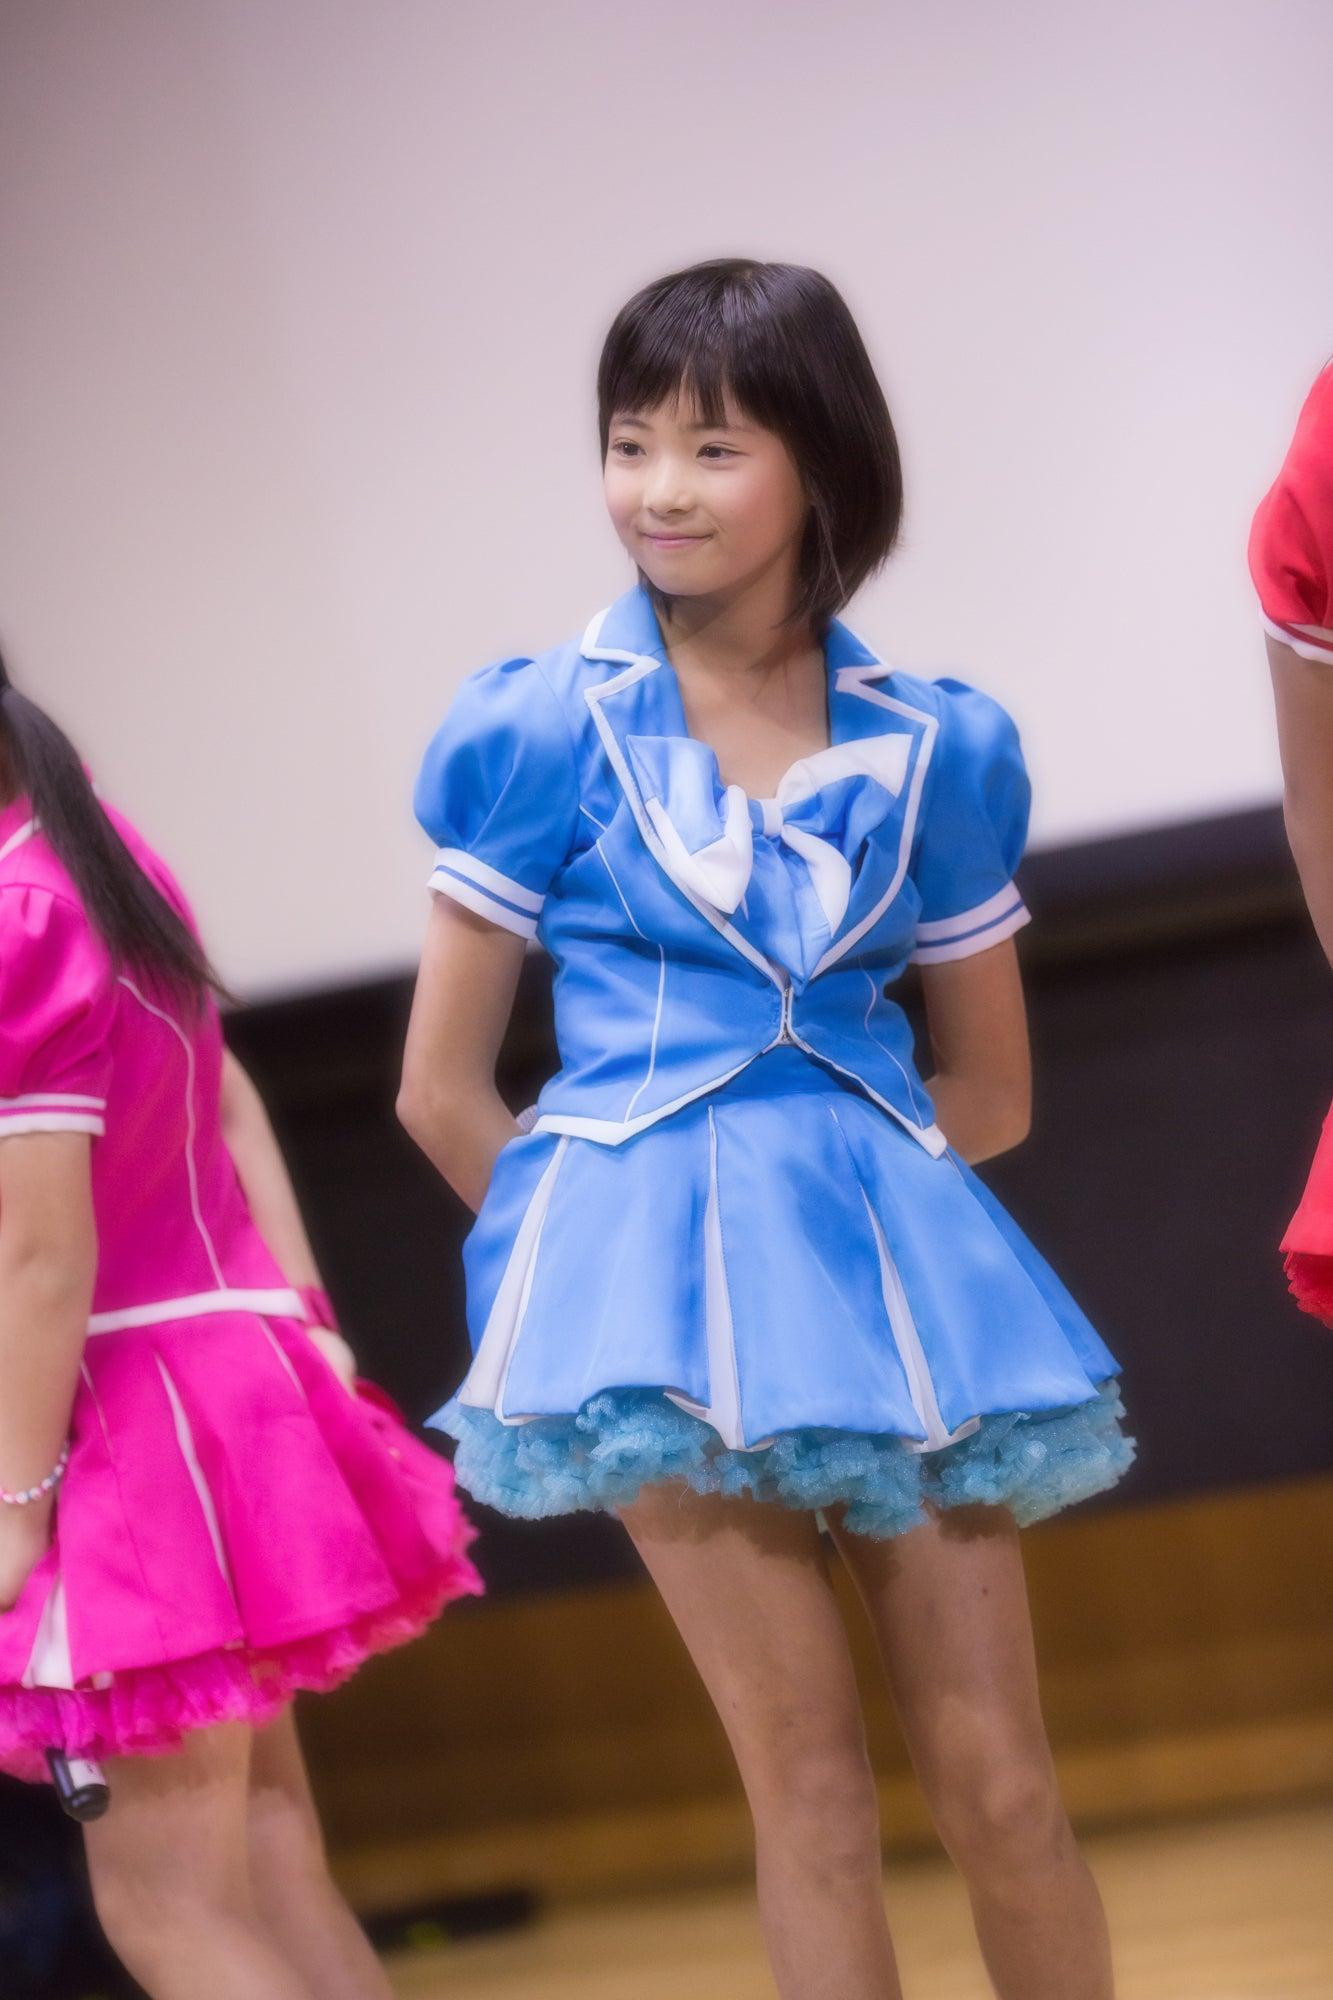 【小中学生】♪美少女らいすっき♪ 434 【天てれ・子役・素人・ボゴOK】 YouTube動画>93本 ->画像>2283枚